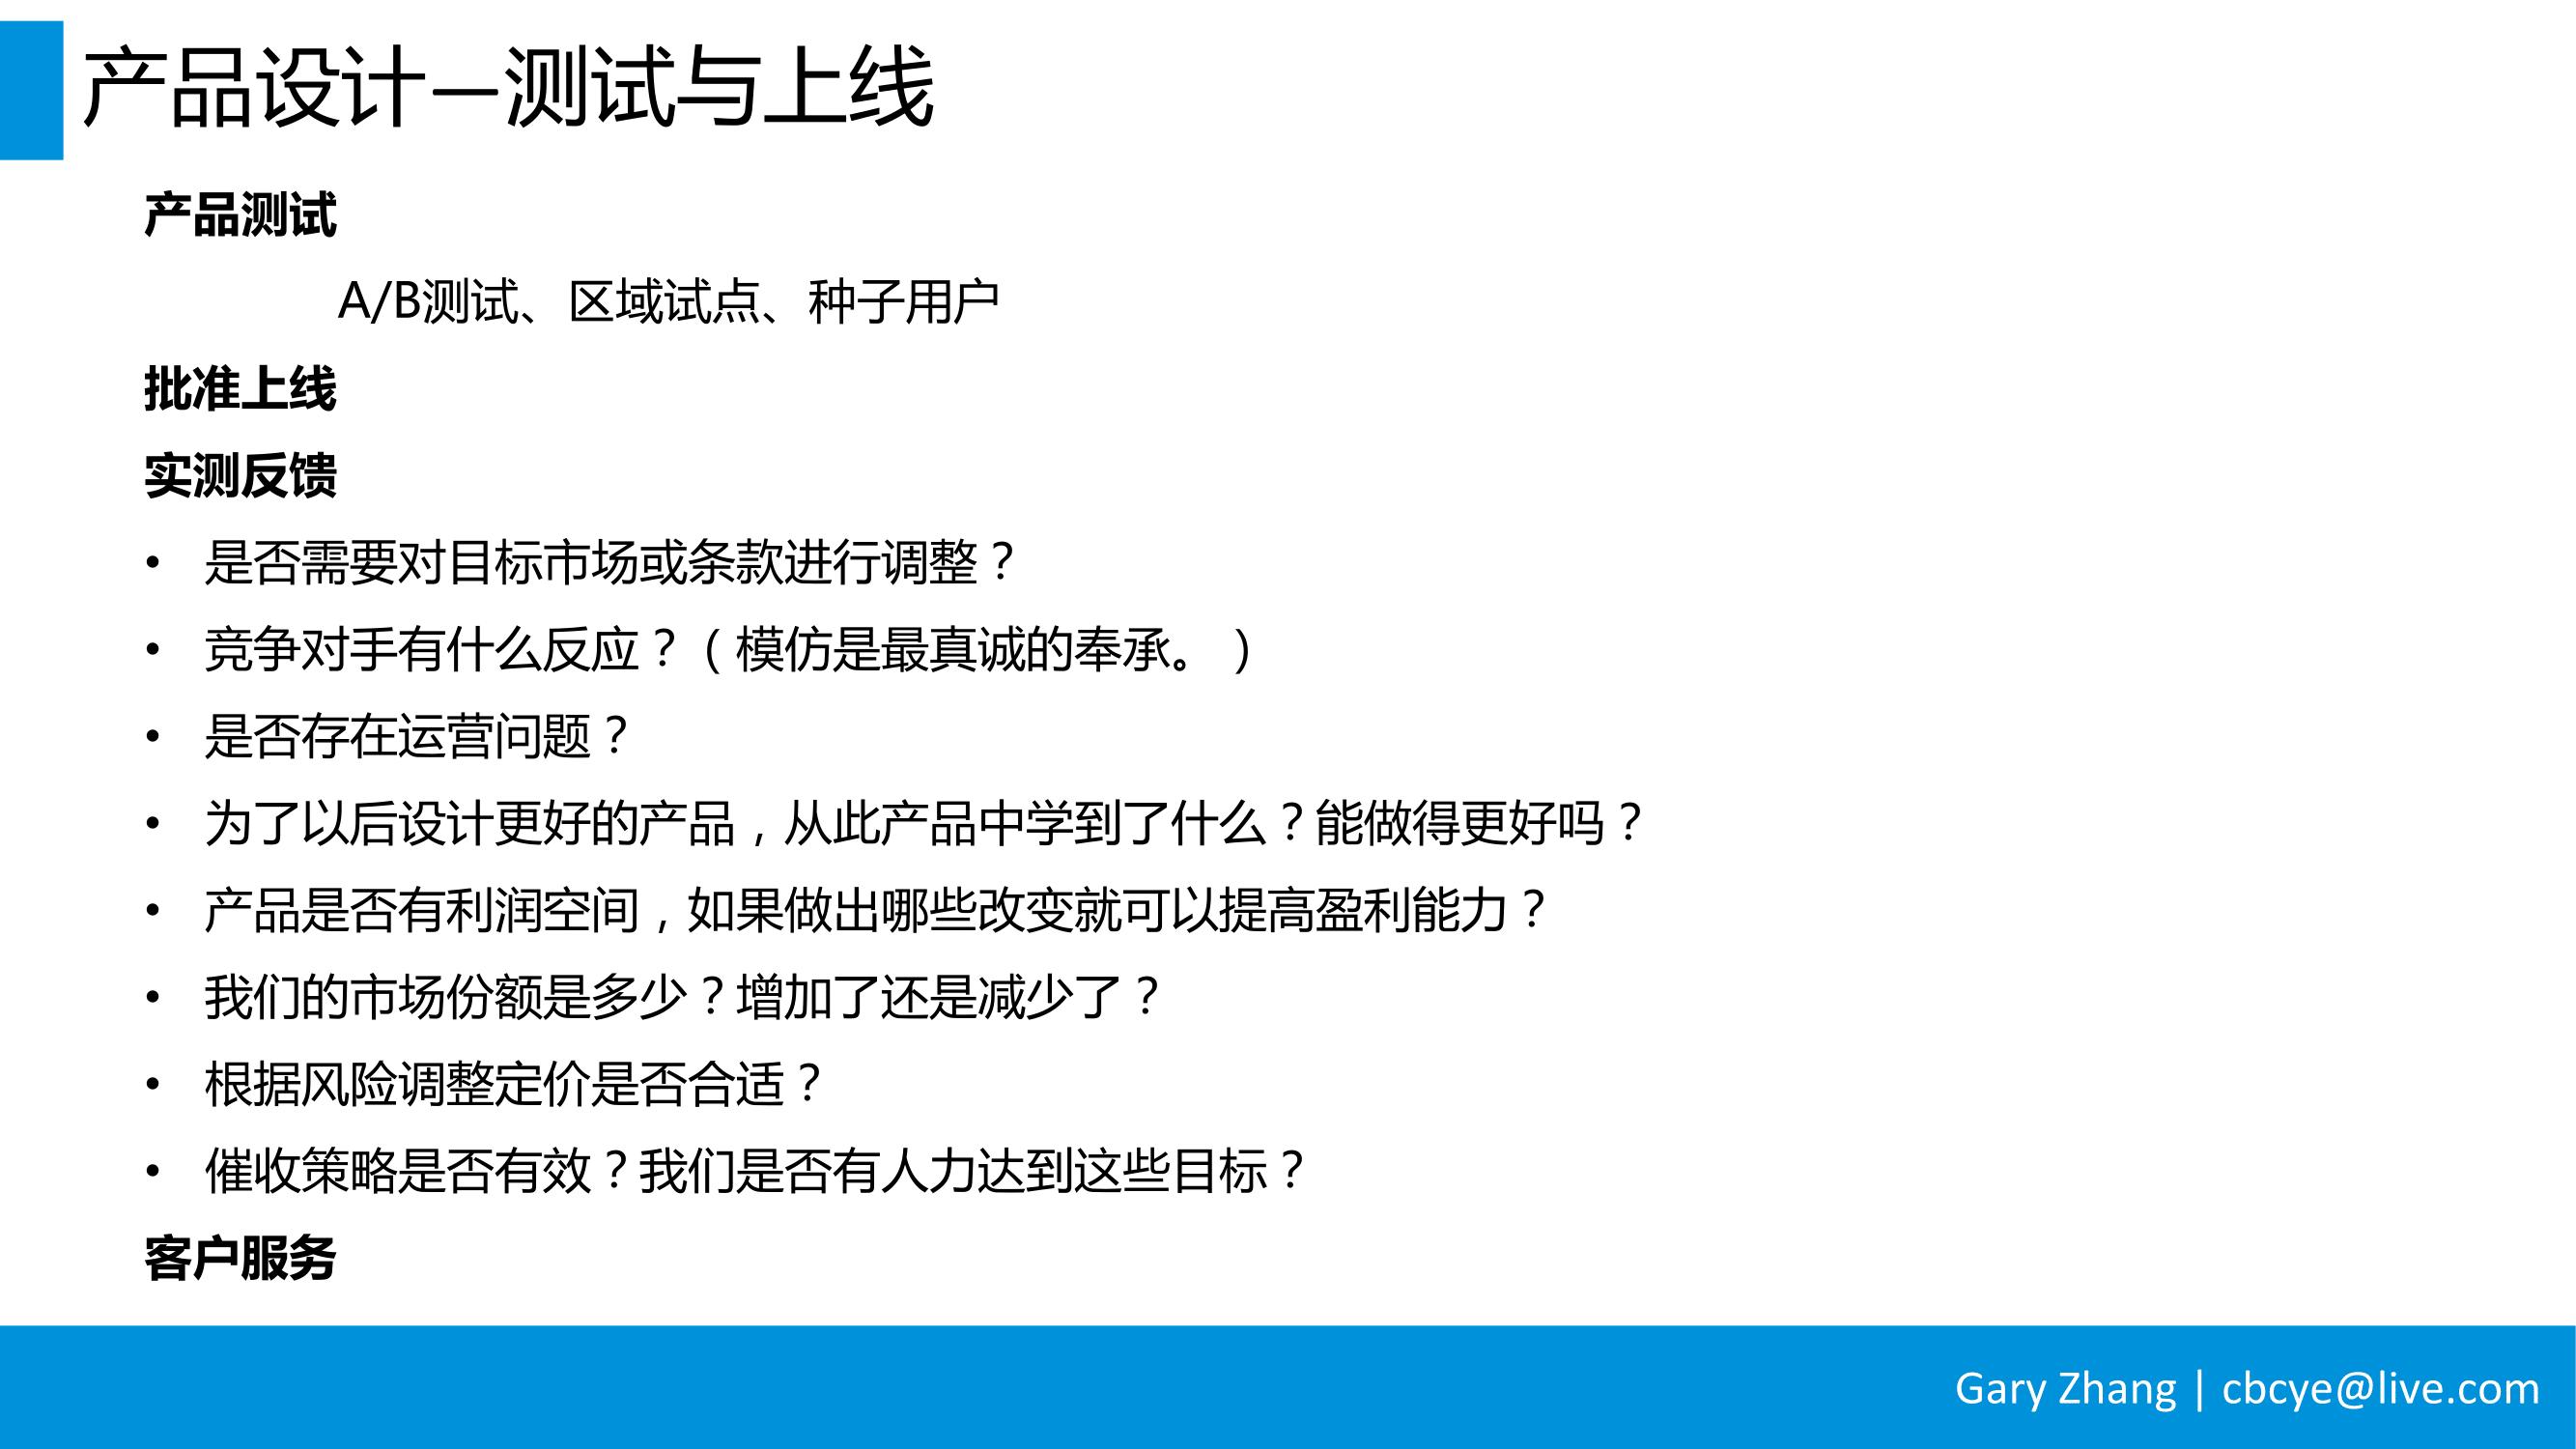 消费金融业务全流程指南_v1.0-023